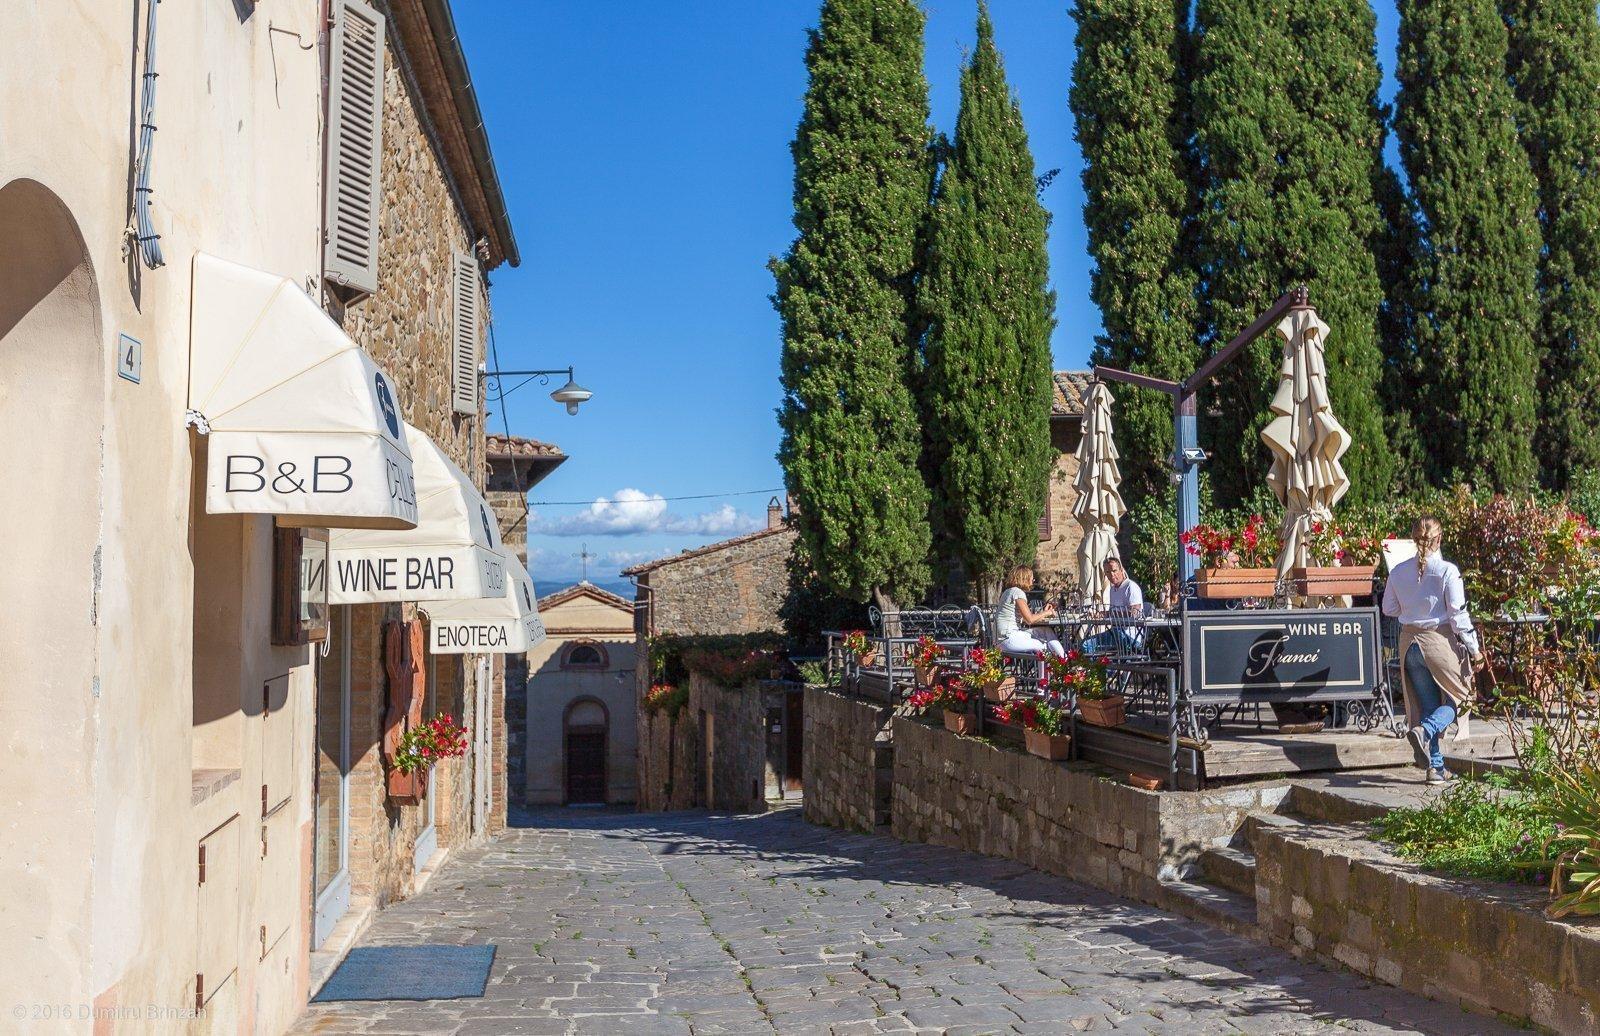 2016-montalcino-tuscany-italy-17